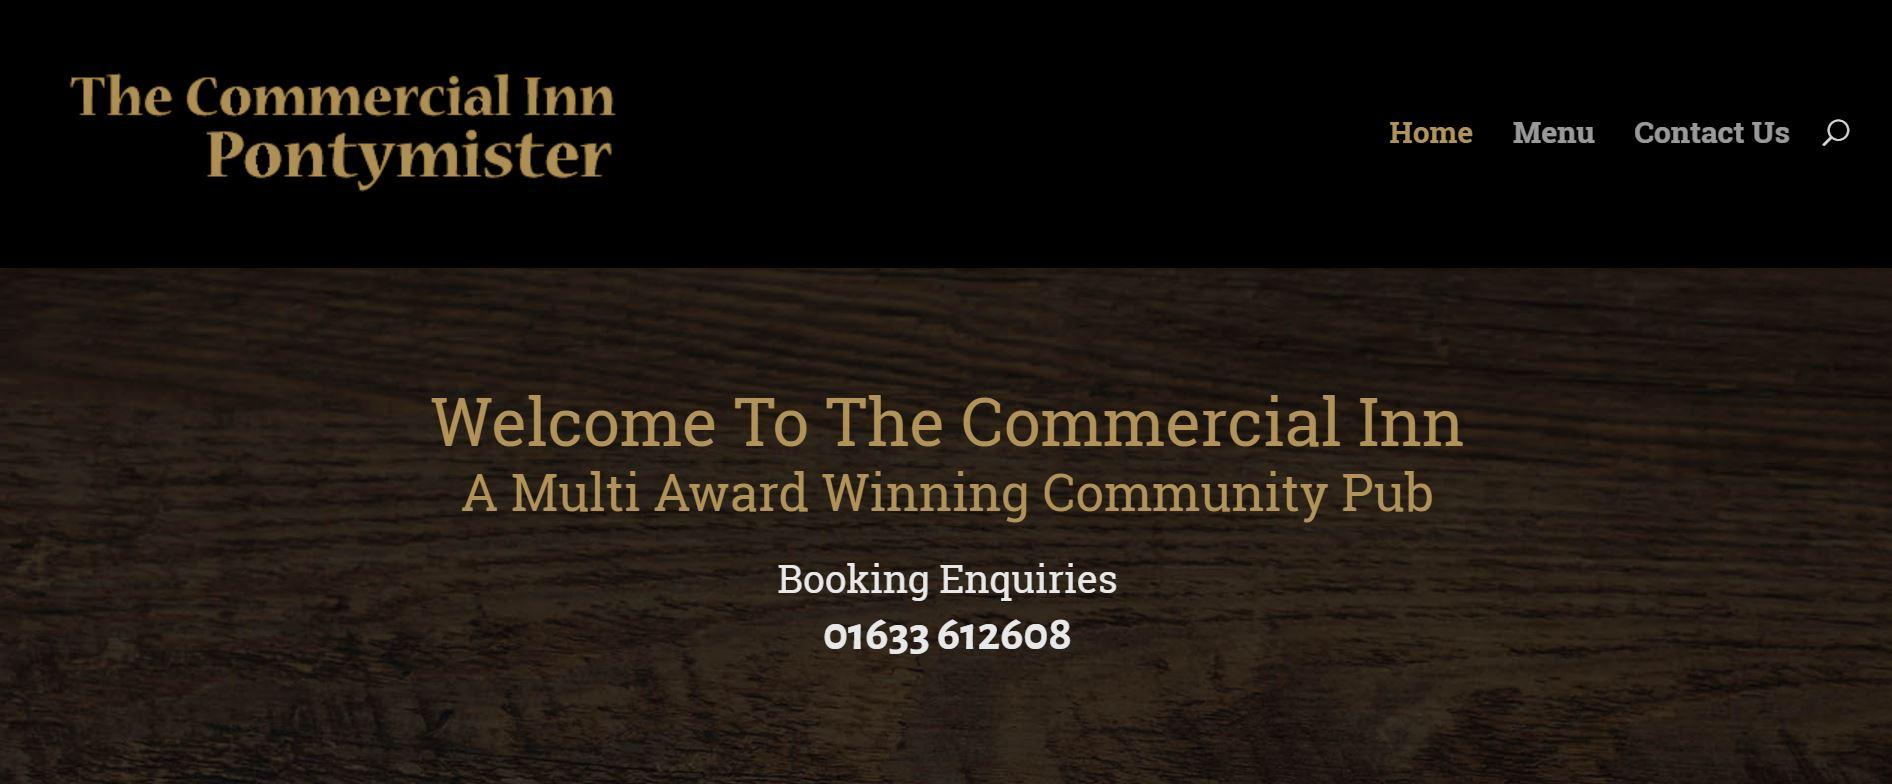 New Design For The Commercial Inn Pontymister